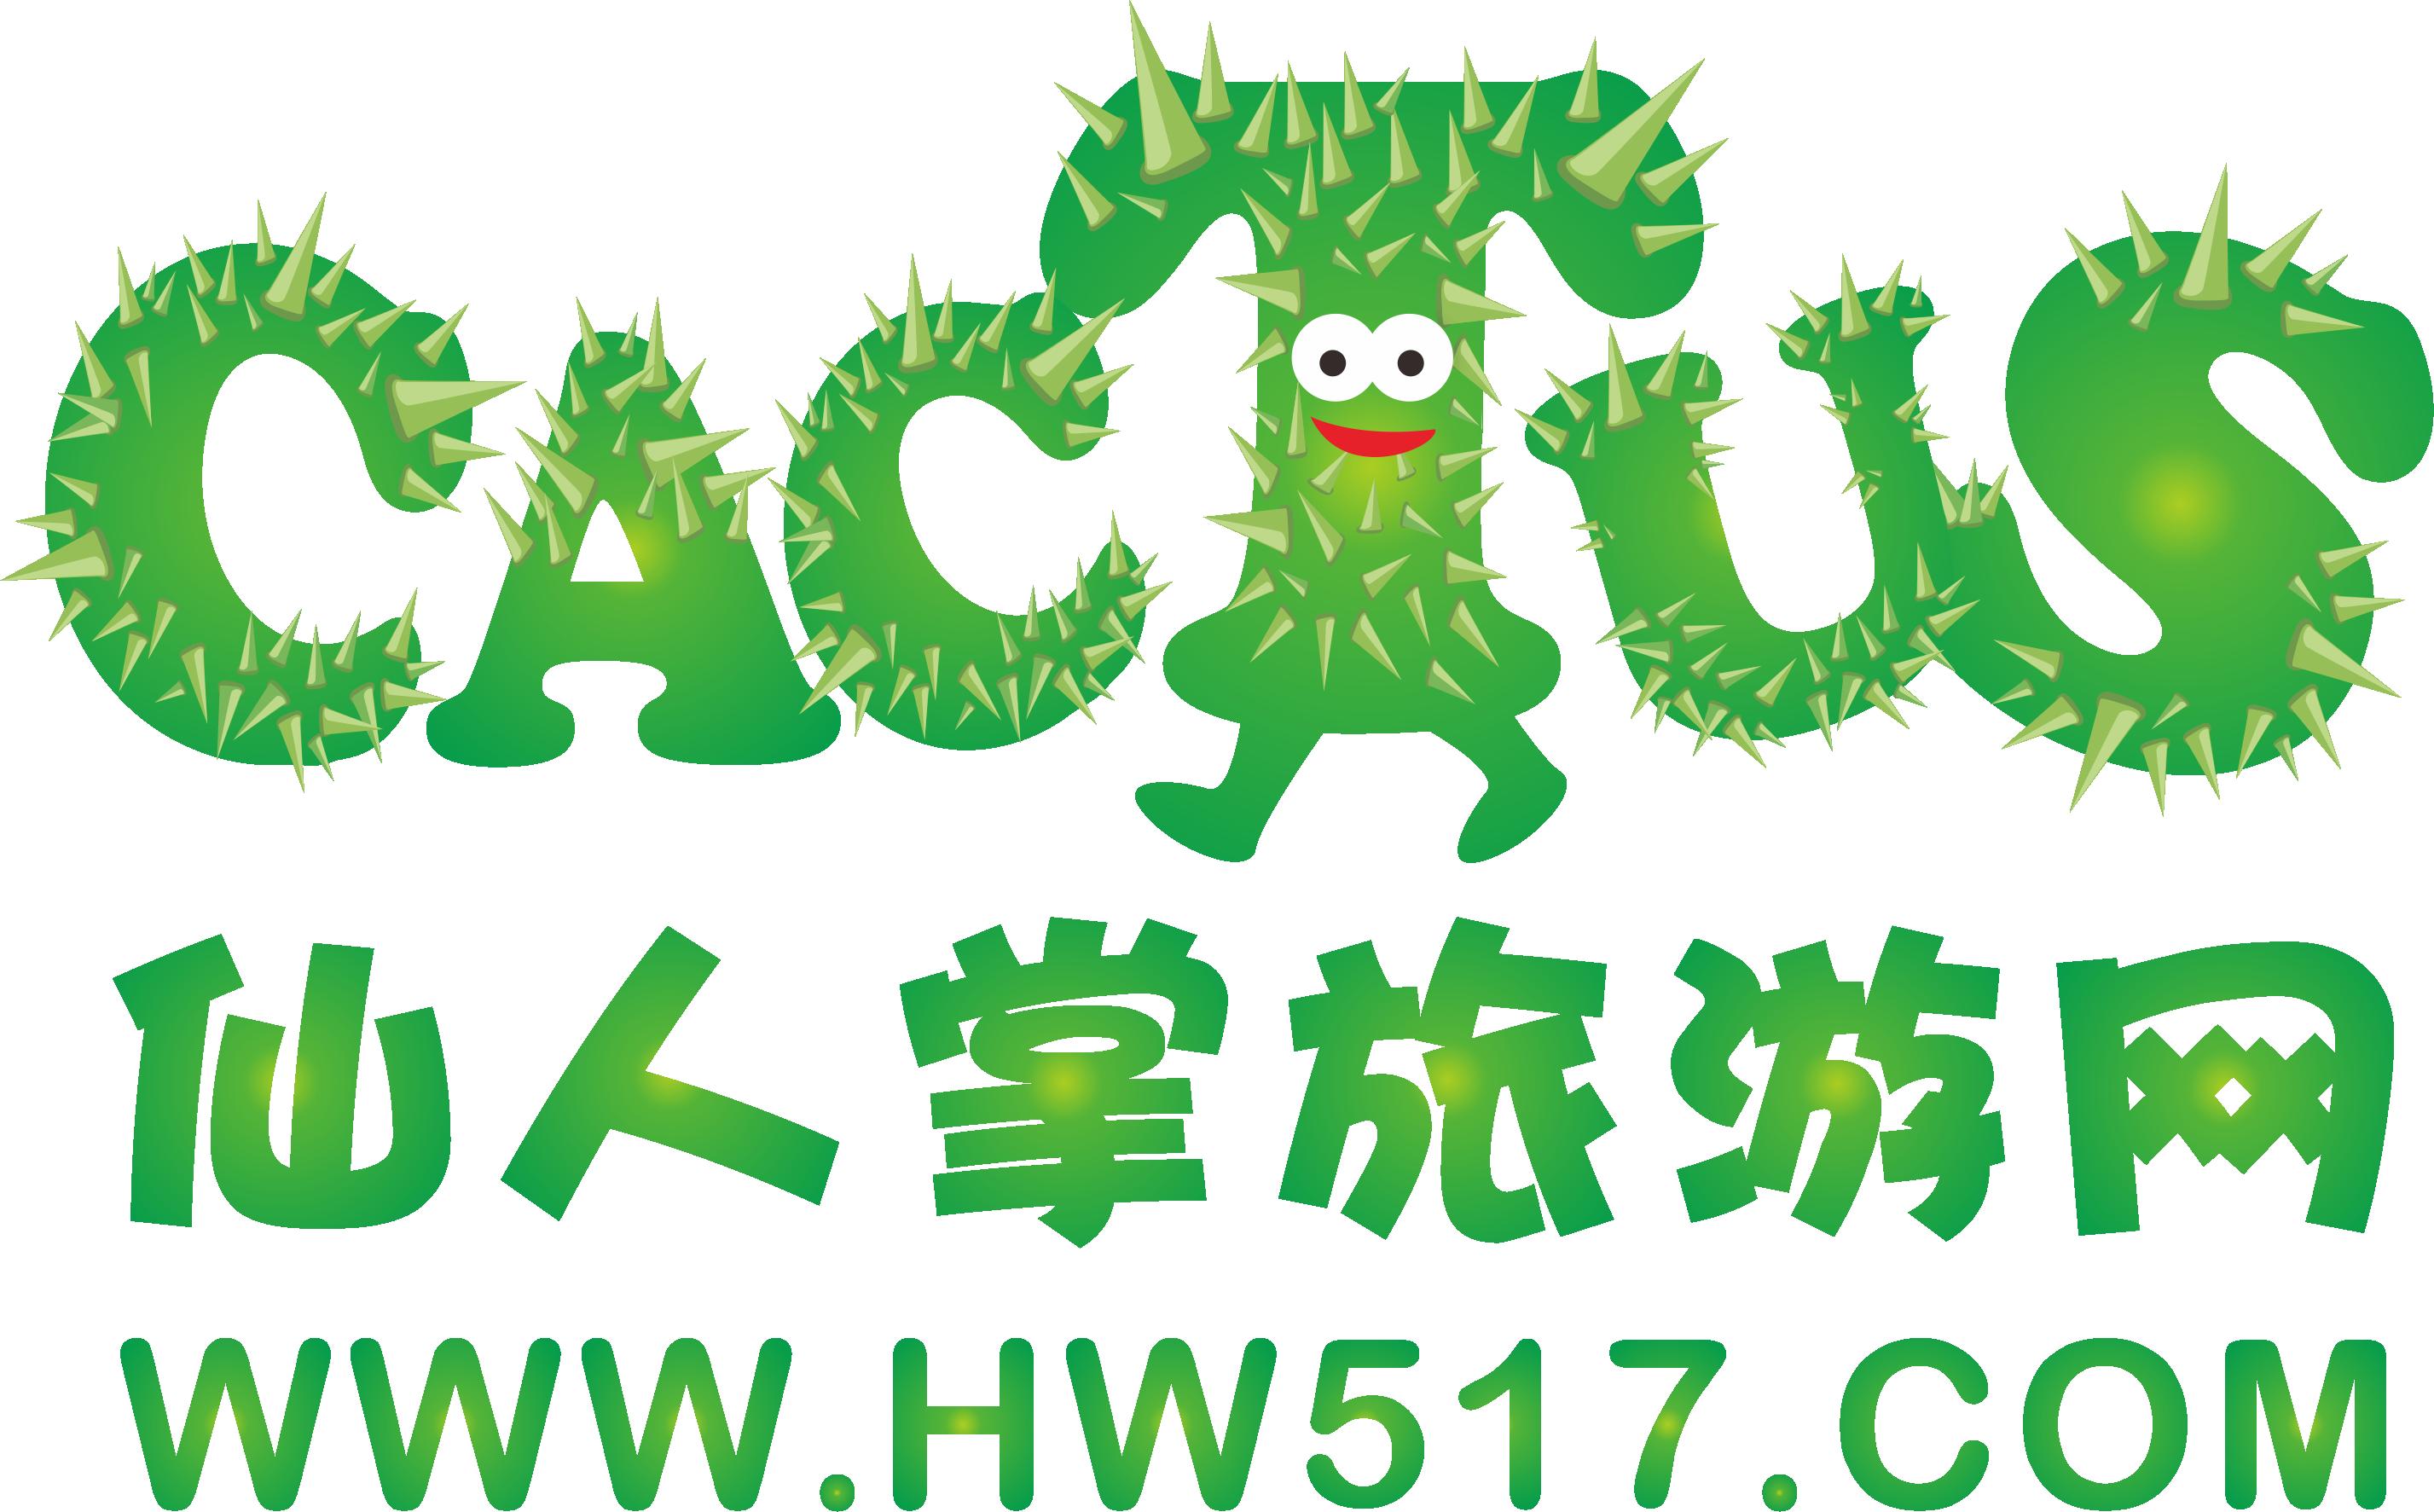 【仙人掌旅游】杭州湾海皮岛欢乐世界(陆公园)、海底温泉一日游